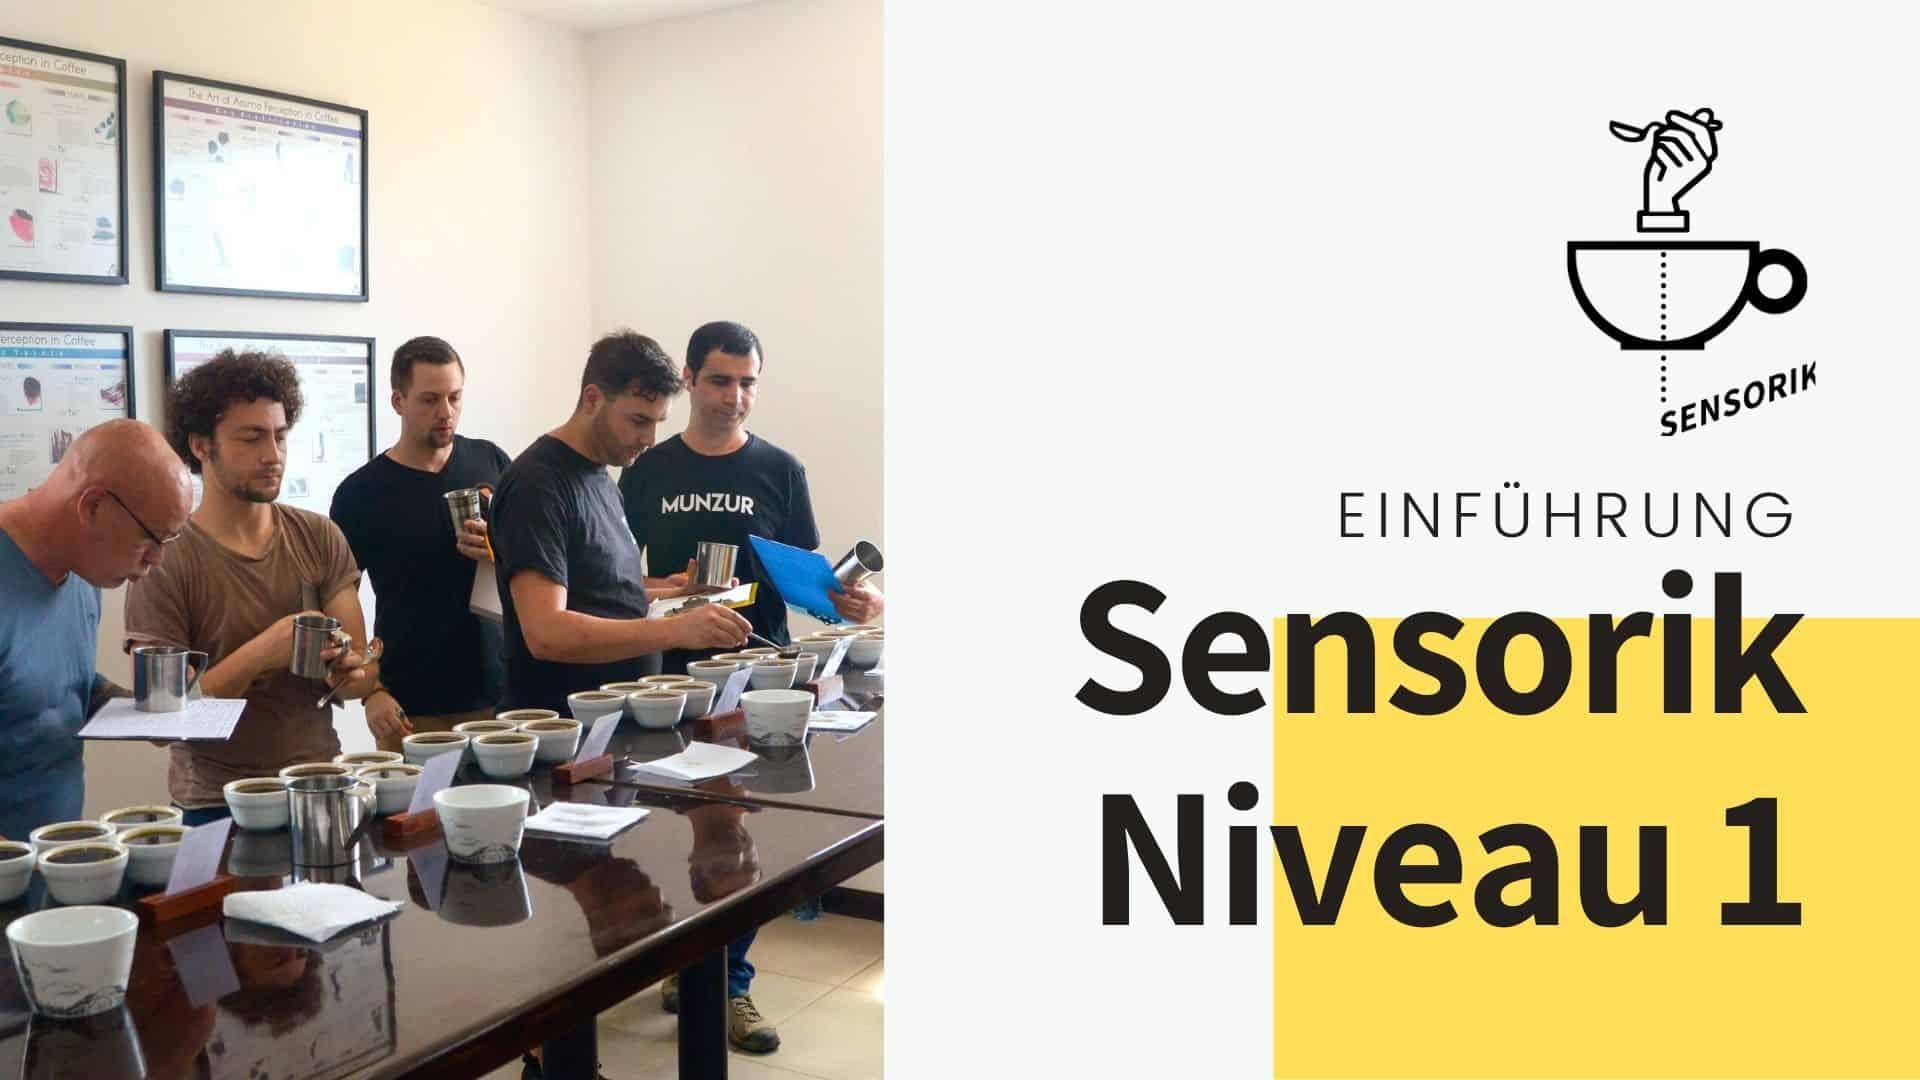 sensorik einführung